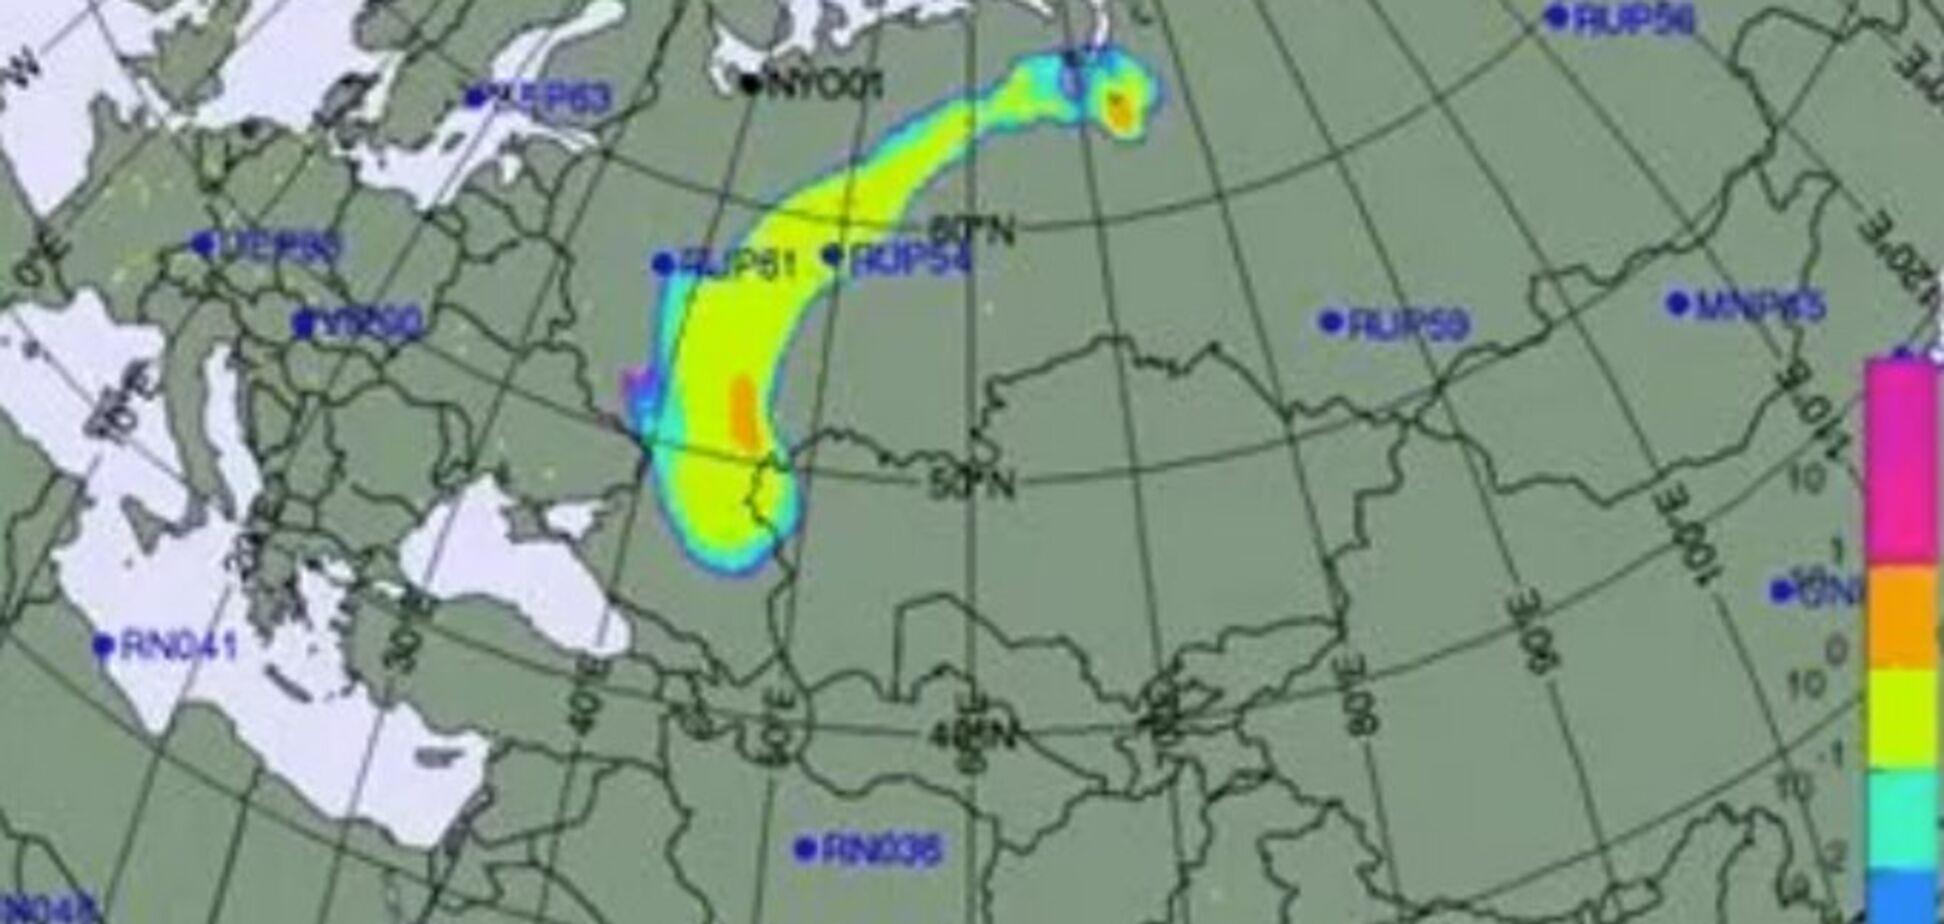 Взрыв в Северодвинске: если использовали плутоний - шанса выжить нет